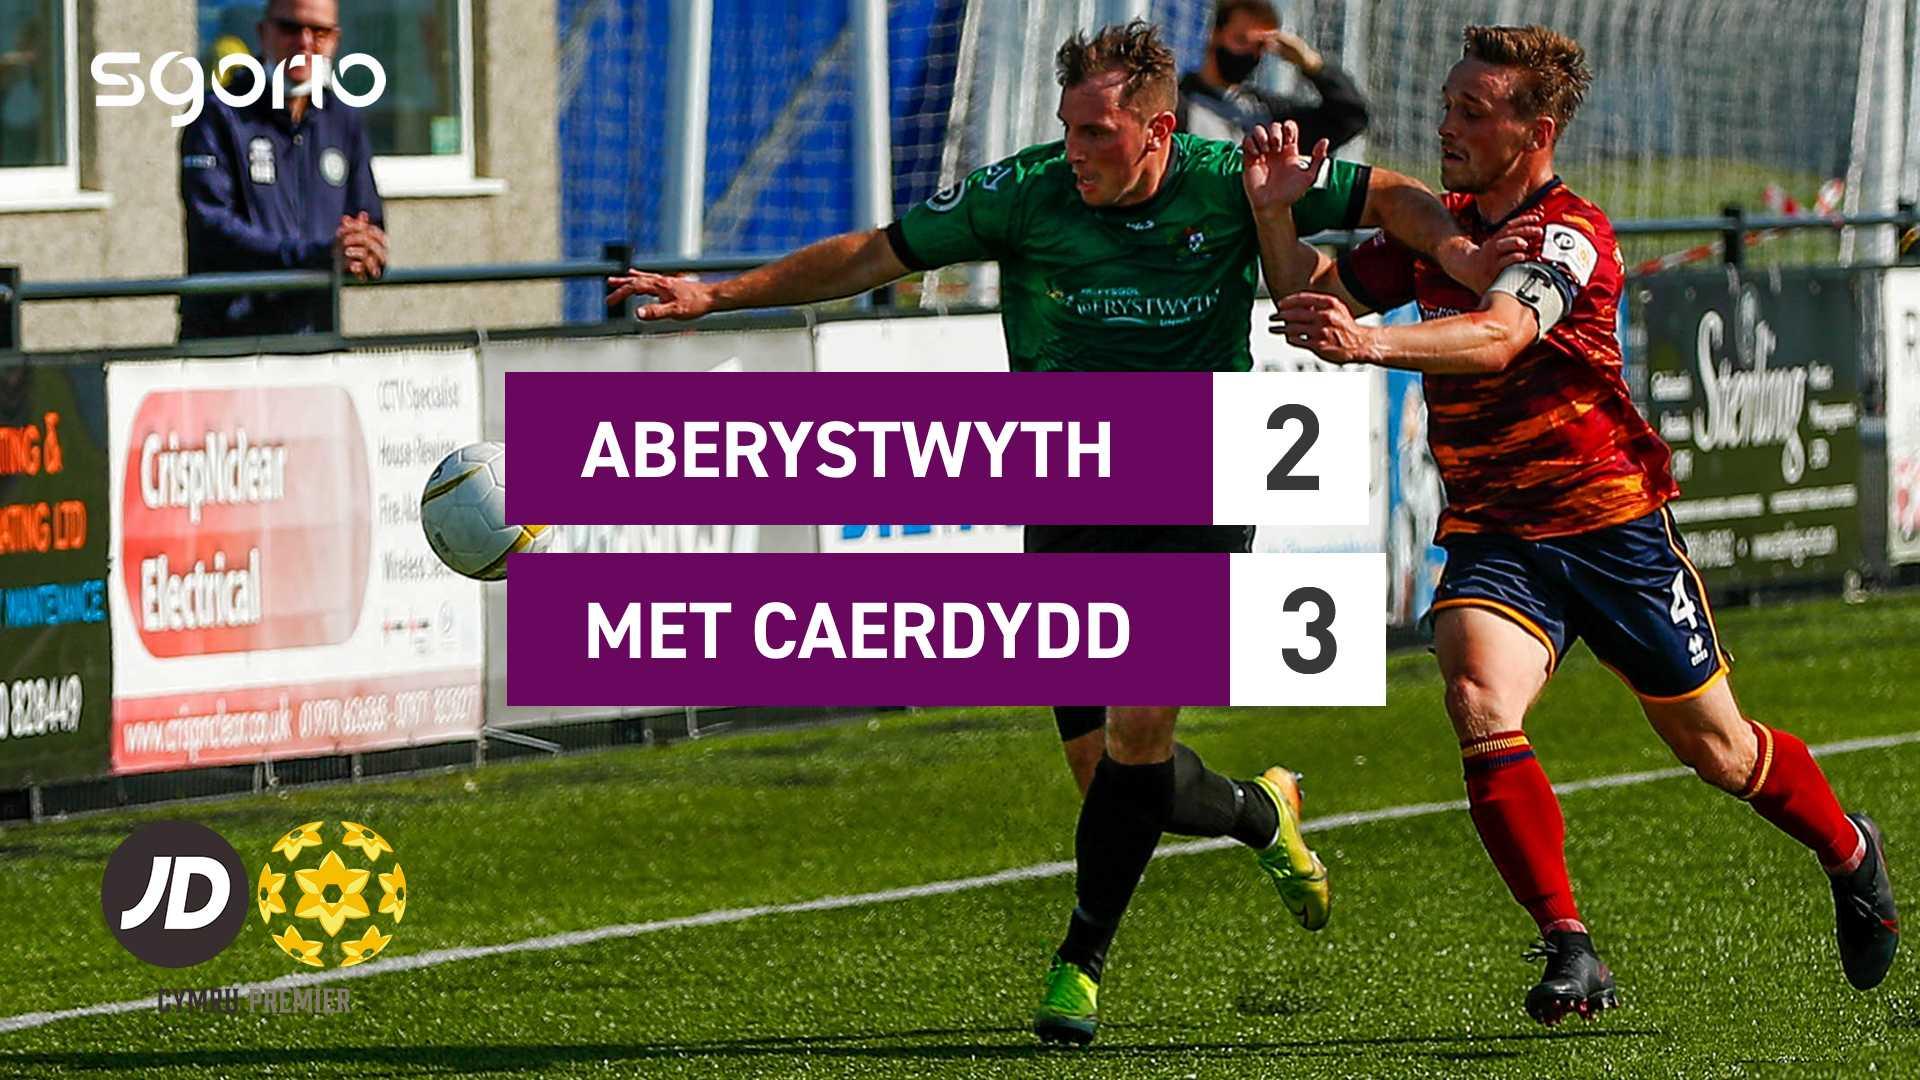 Aberystwyth 2-3 Met Caerdydd